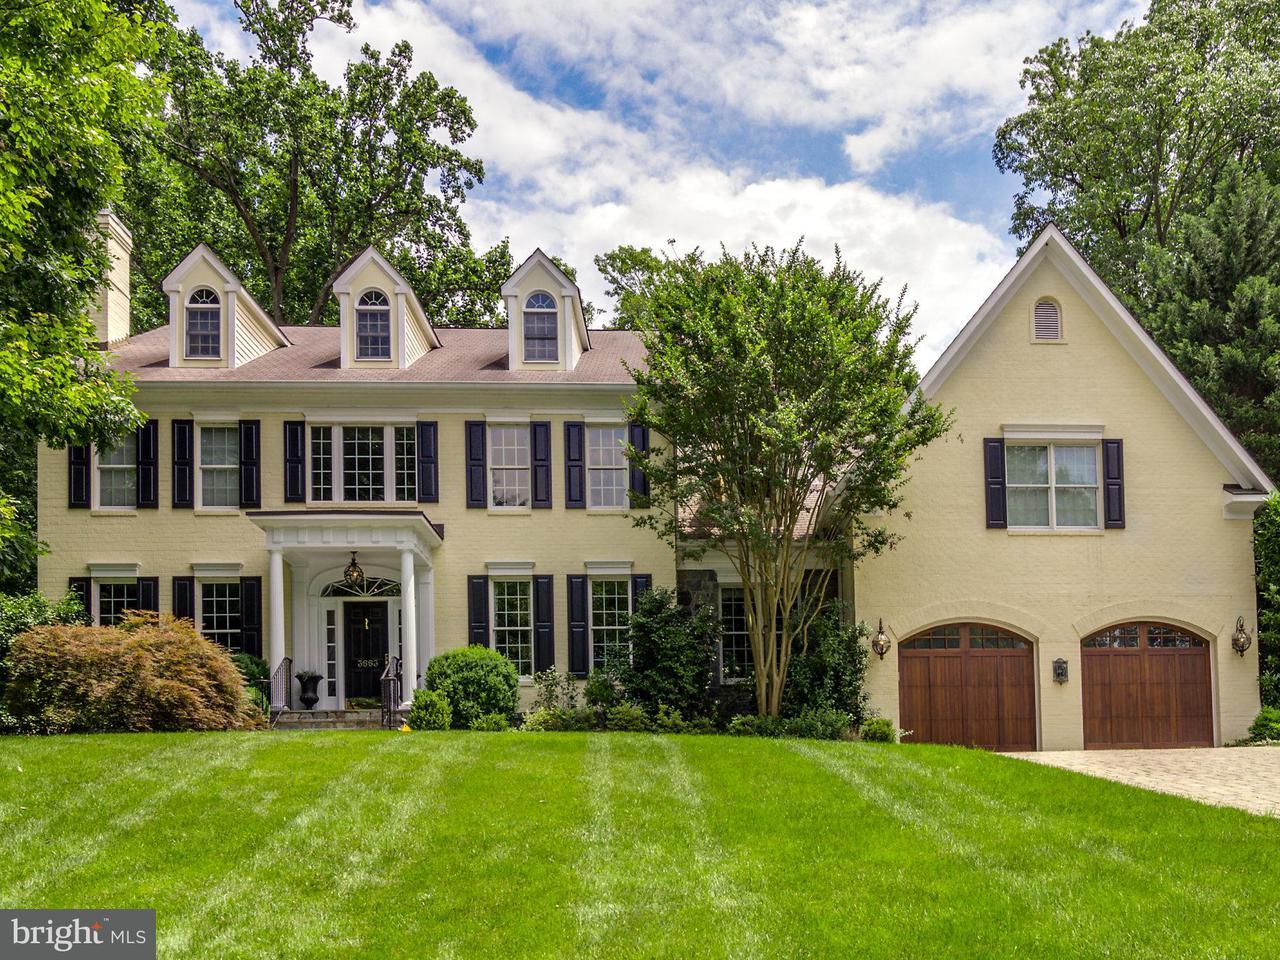 独户住宅 为 销售 在 3663 Monroe St N 3663 Monroe St N 阿林顿, 弗吉尼亚州 22207 美国